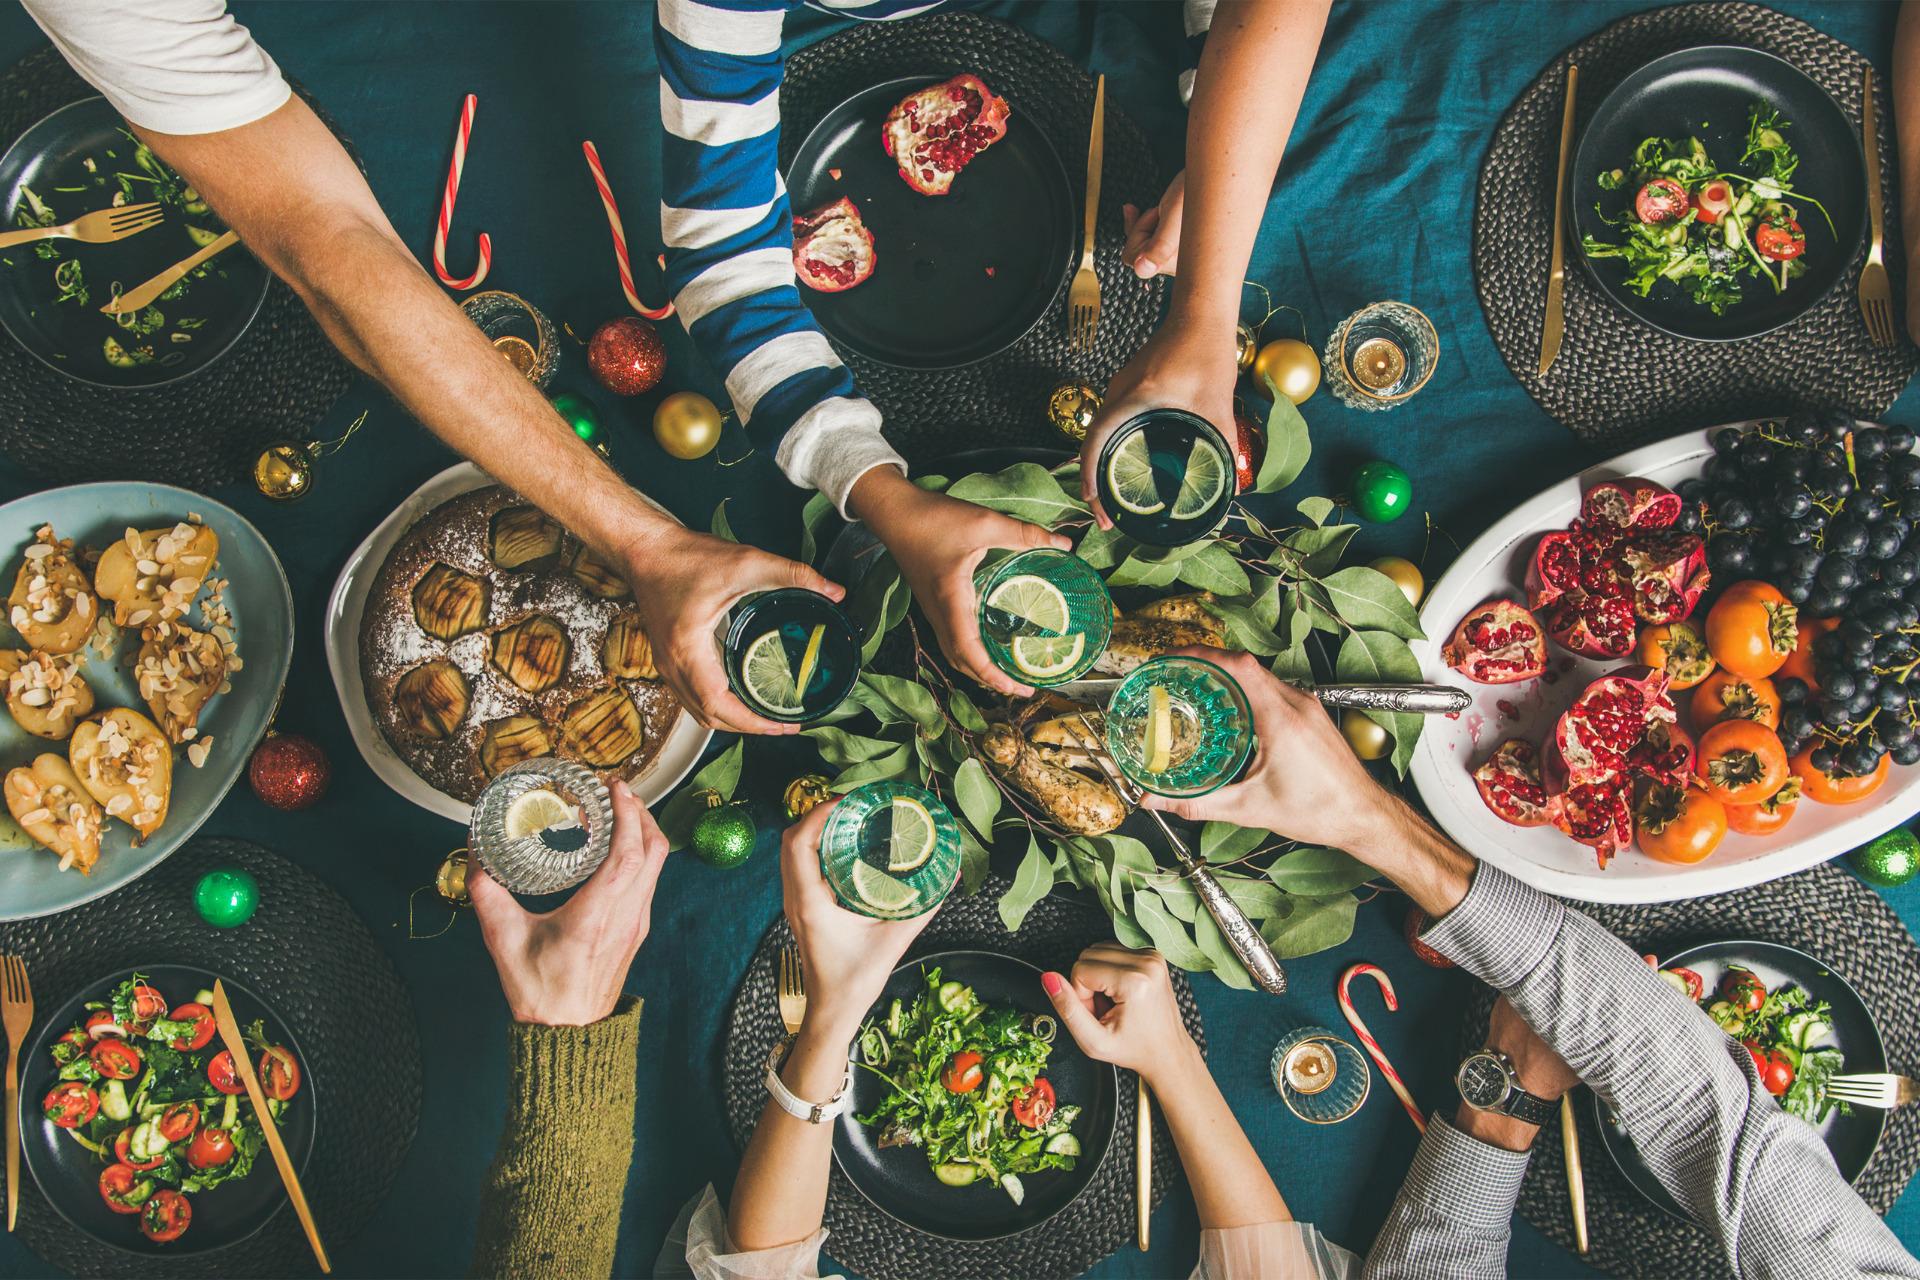 Die Familie isst gemeinsam gesund